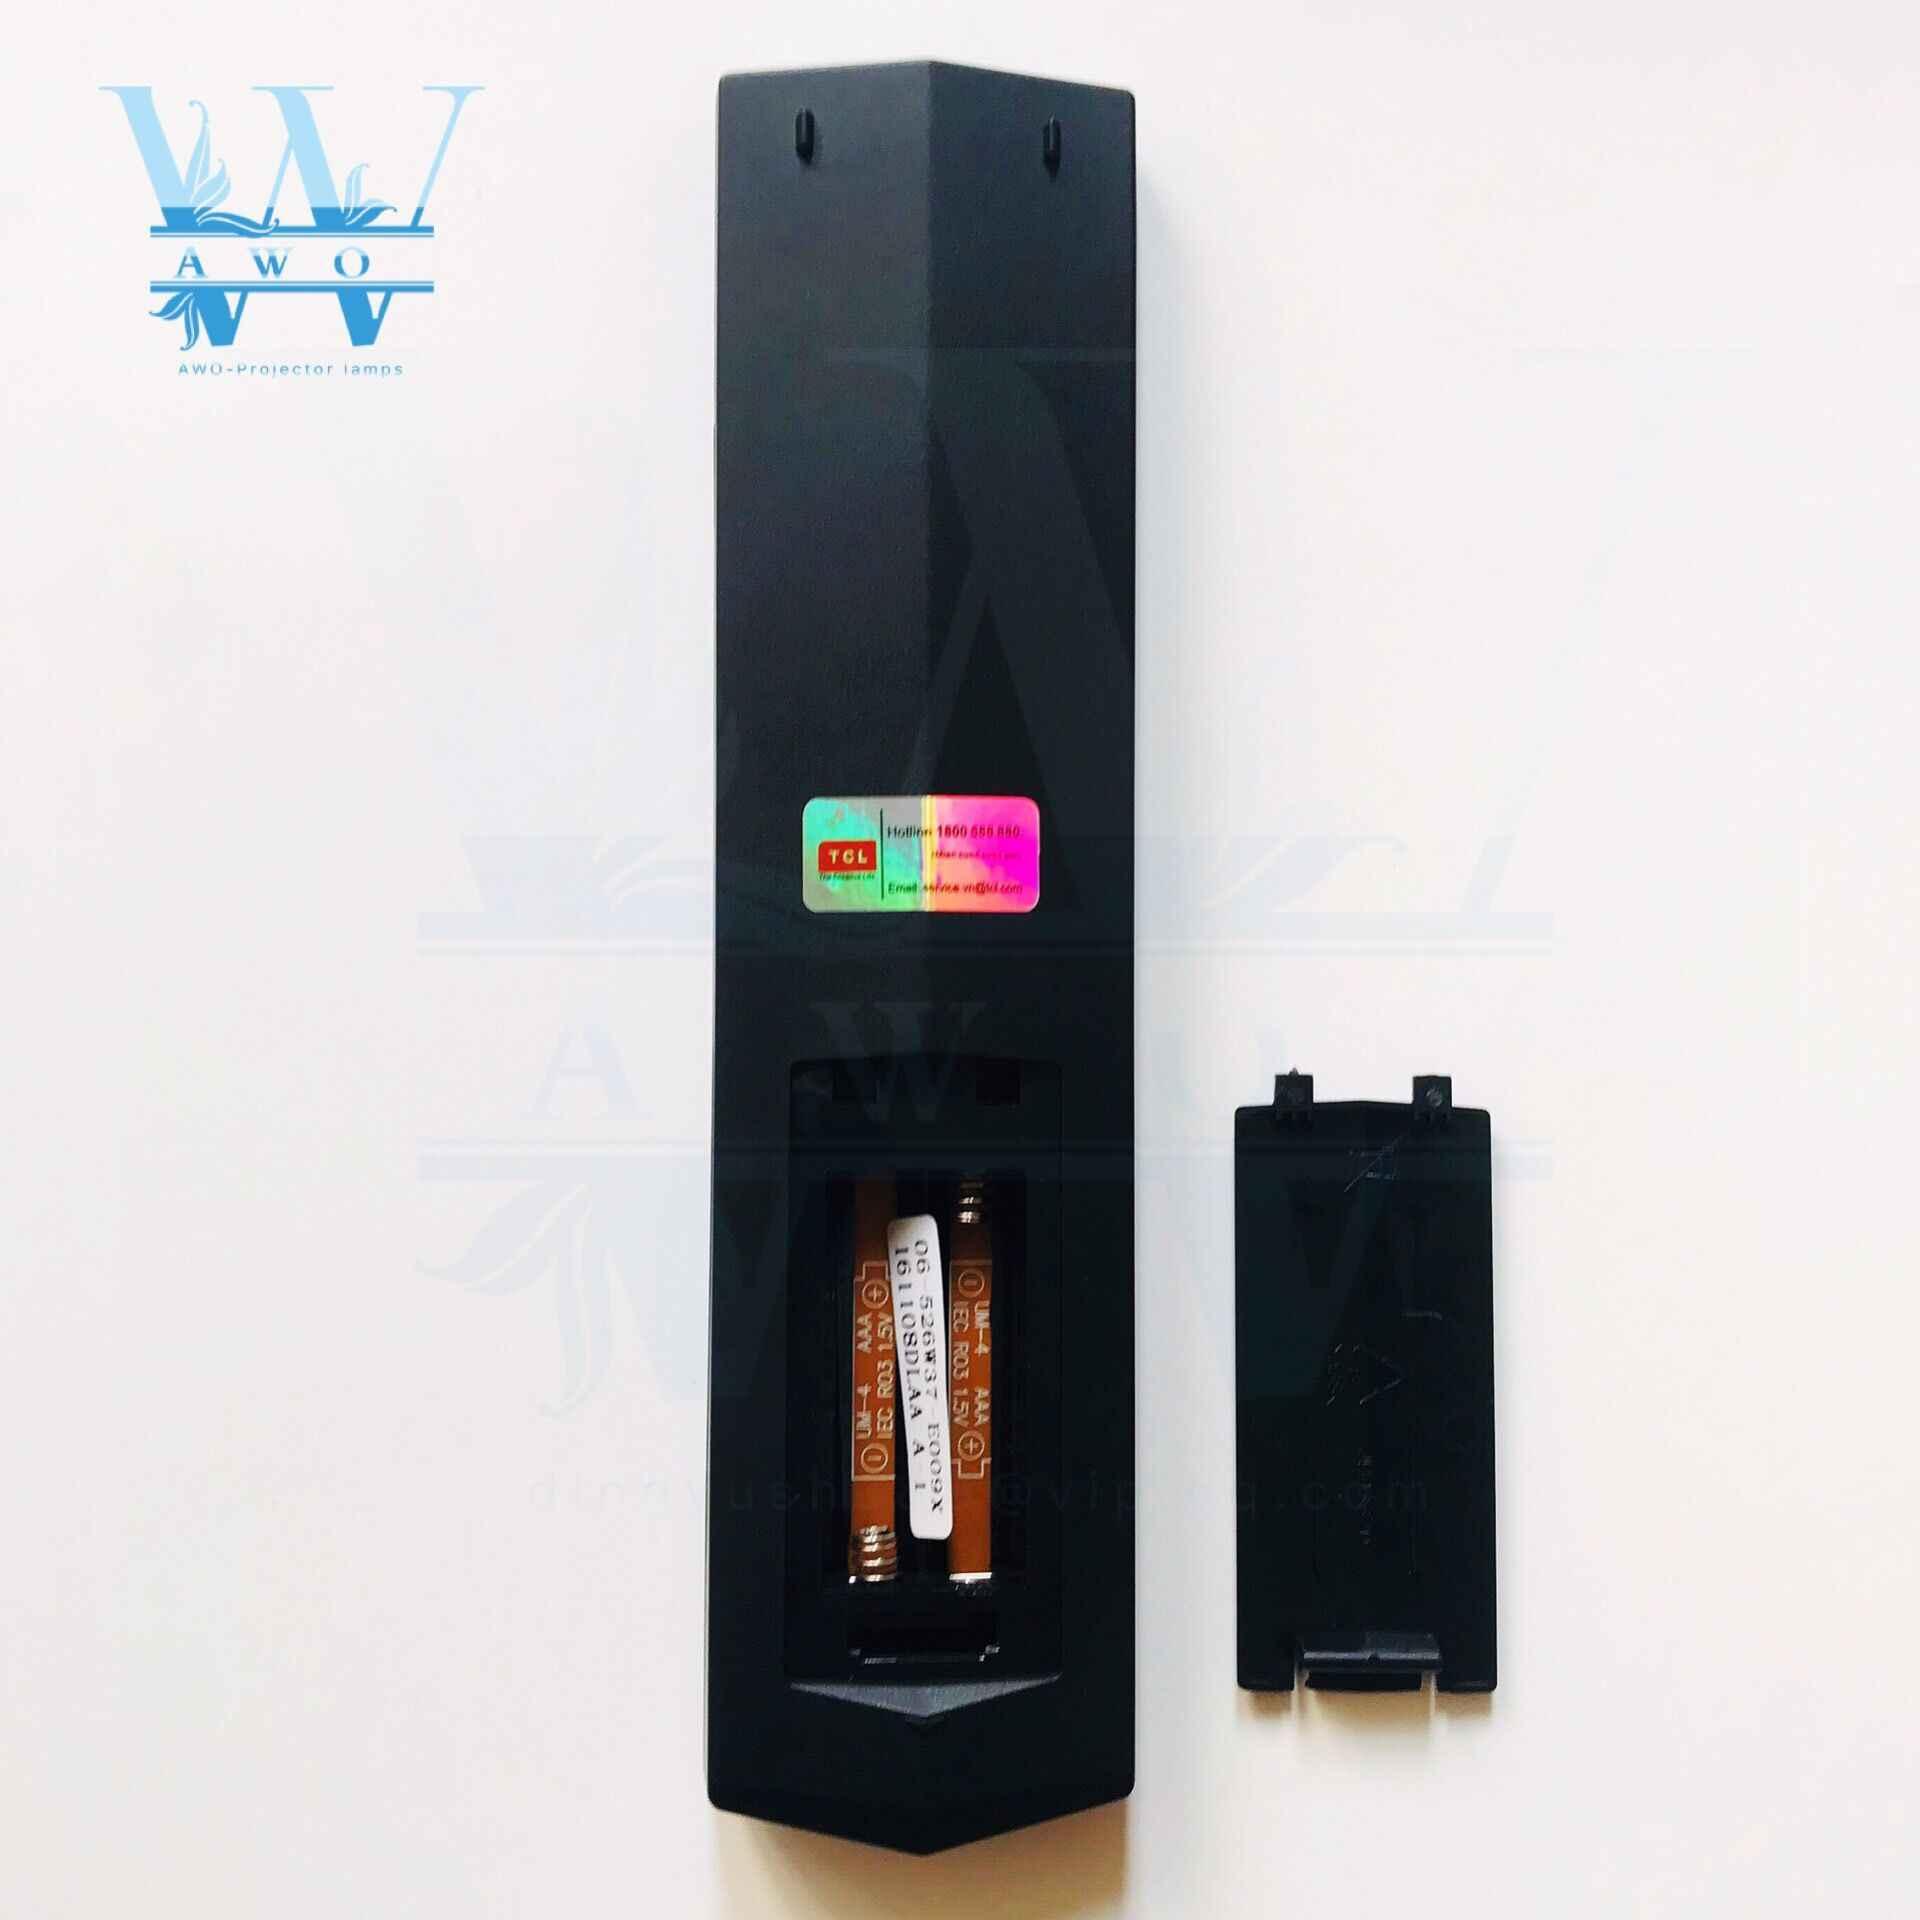 Nuevo 1 piezas RC200 Universal control remoto reemplazo para TCL Smart TV LCD LED control remoto inalámbrico de alta calidad